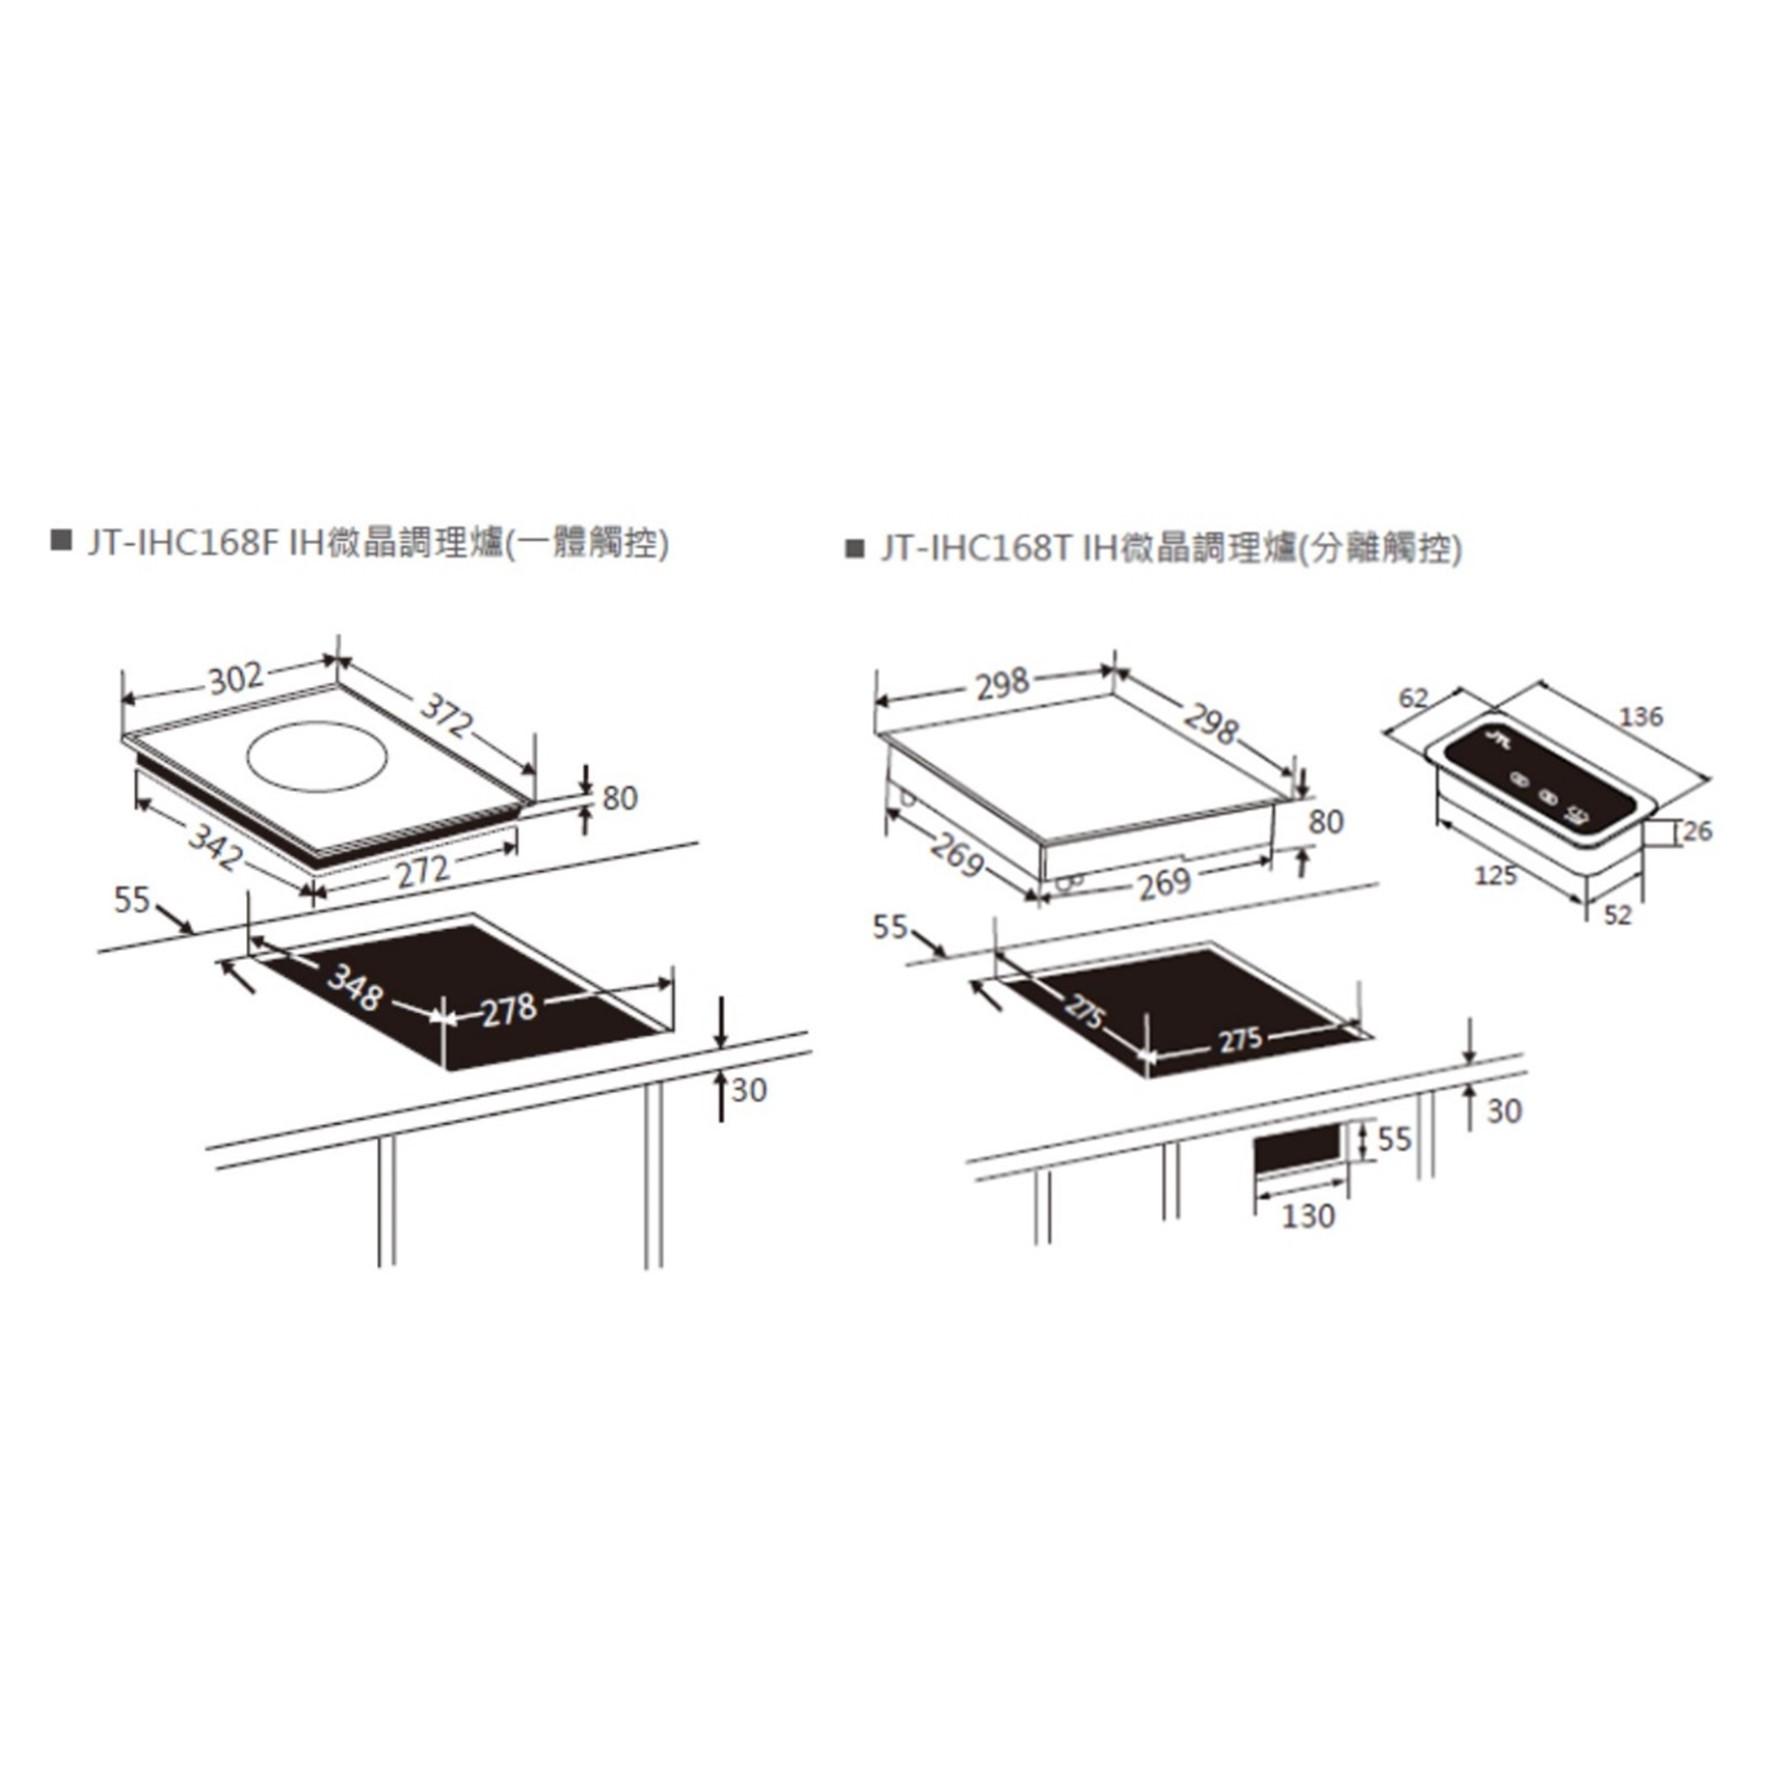 JT-IHC168 IH微晶調理爐(F一體觸控、T分離觸控)-JT-IHC168